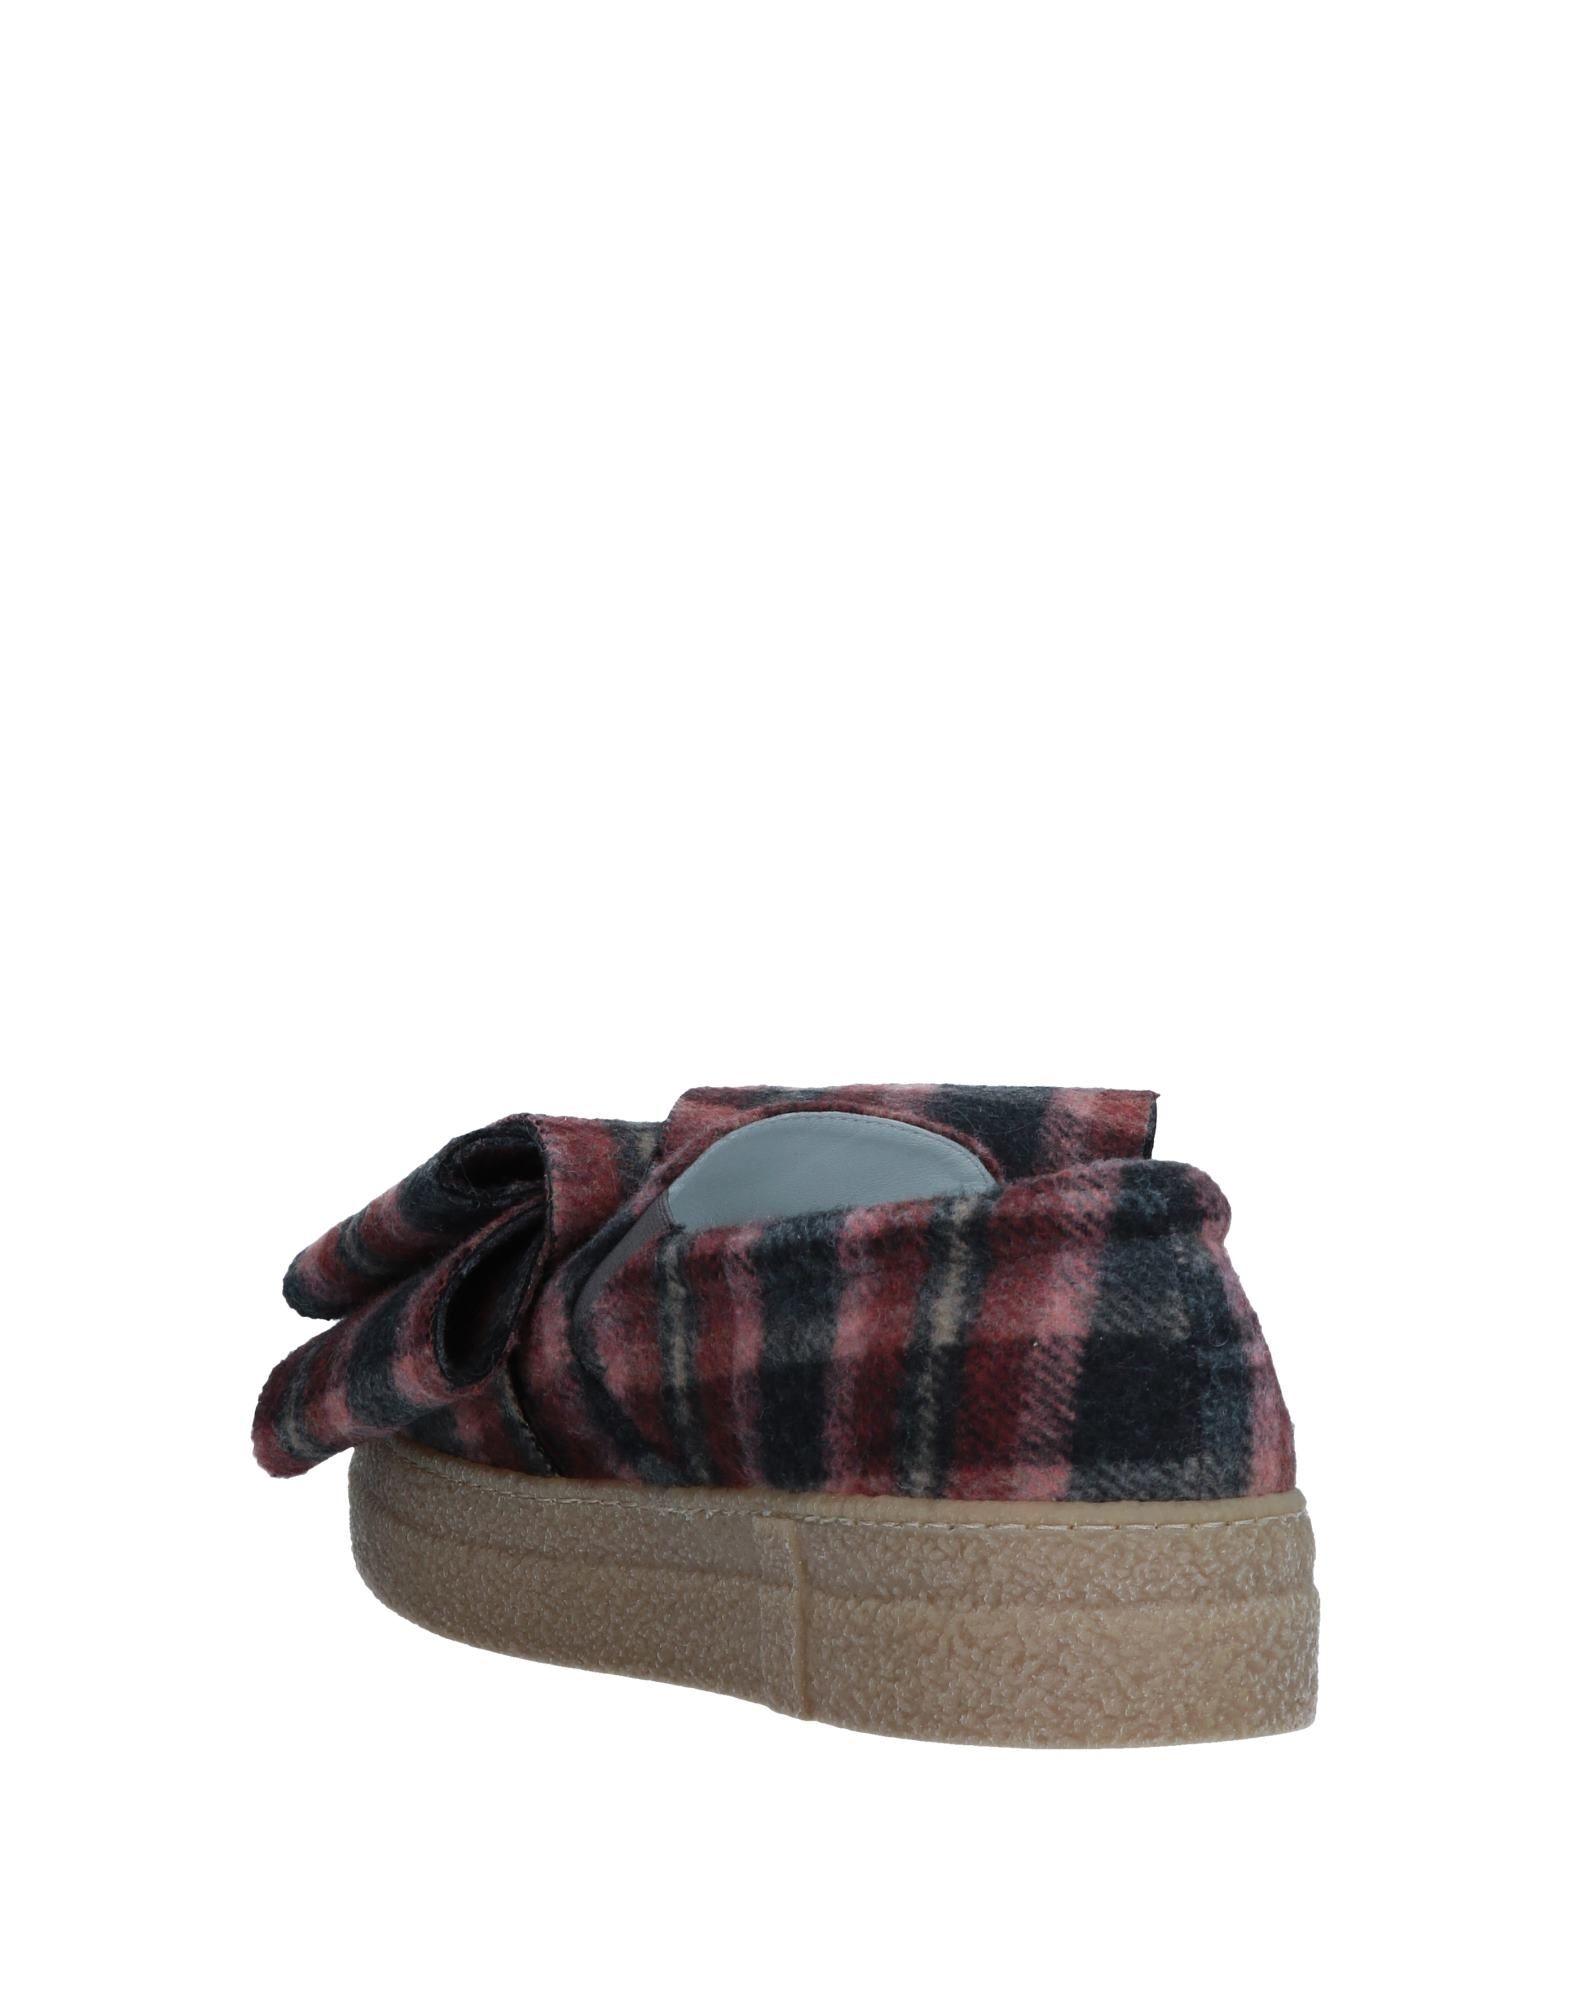 Olivia's Bow Sneakers Damen beliebte  11545412FC Gute Qualität beliebte Damen Schuhe 8612de